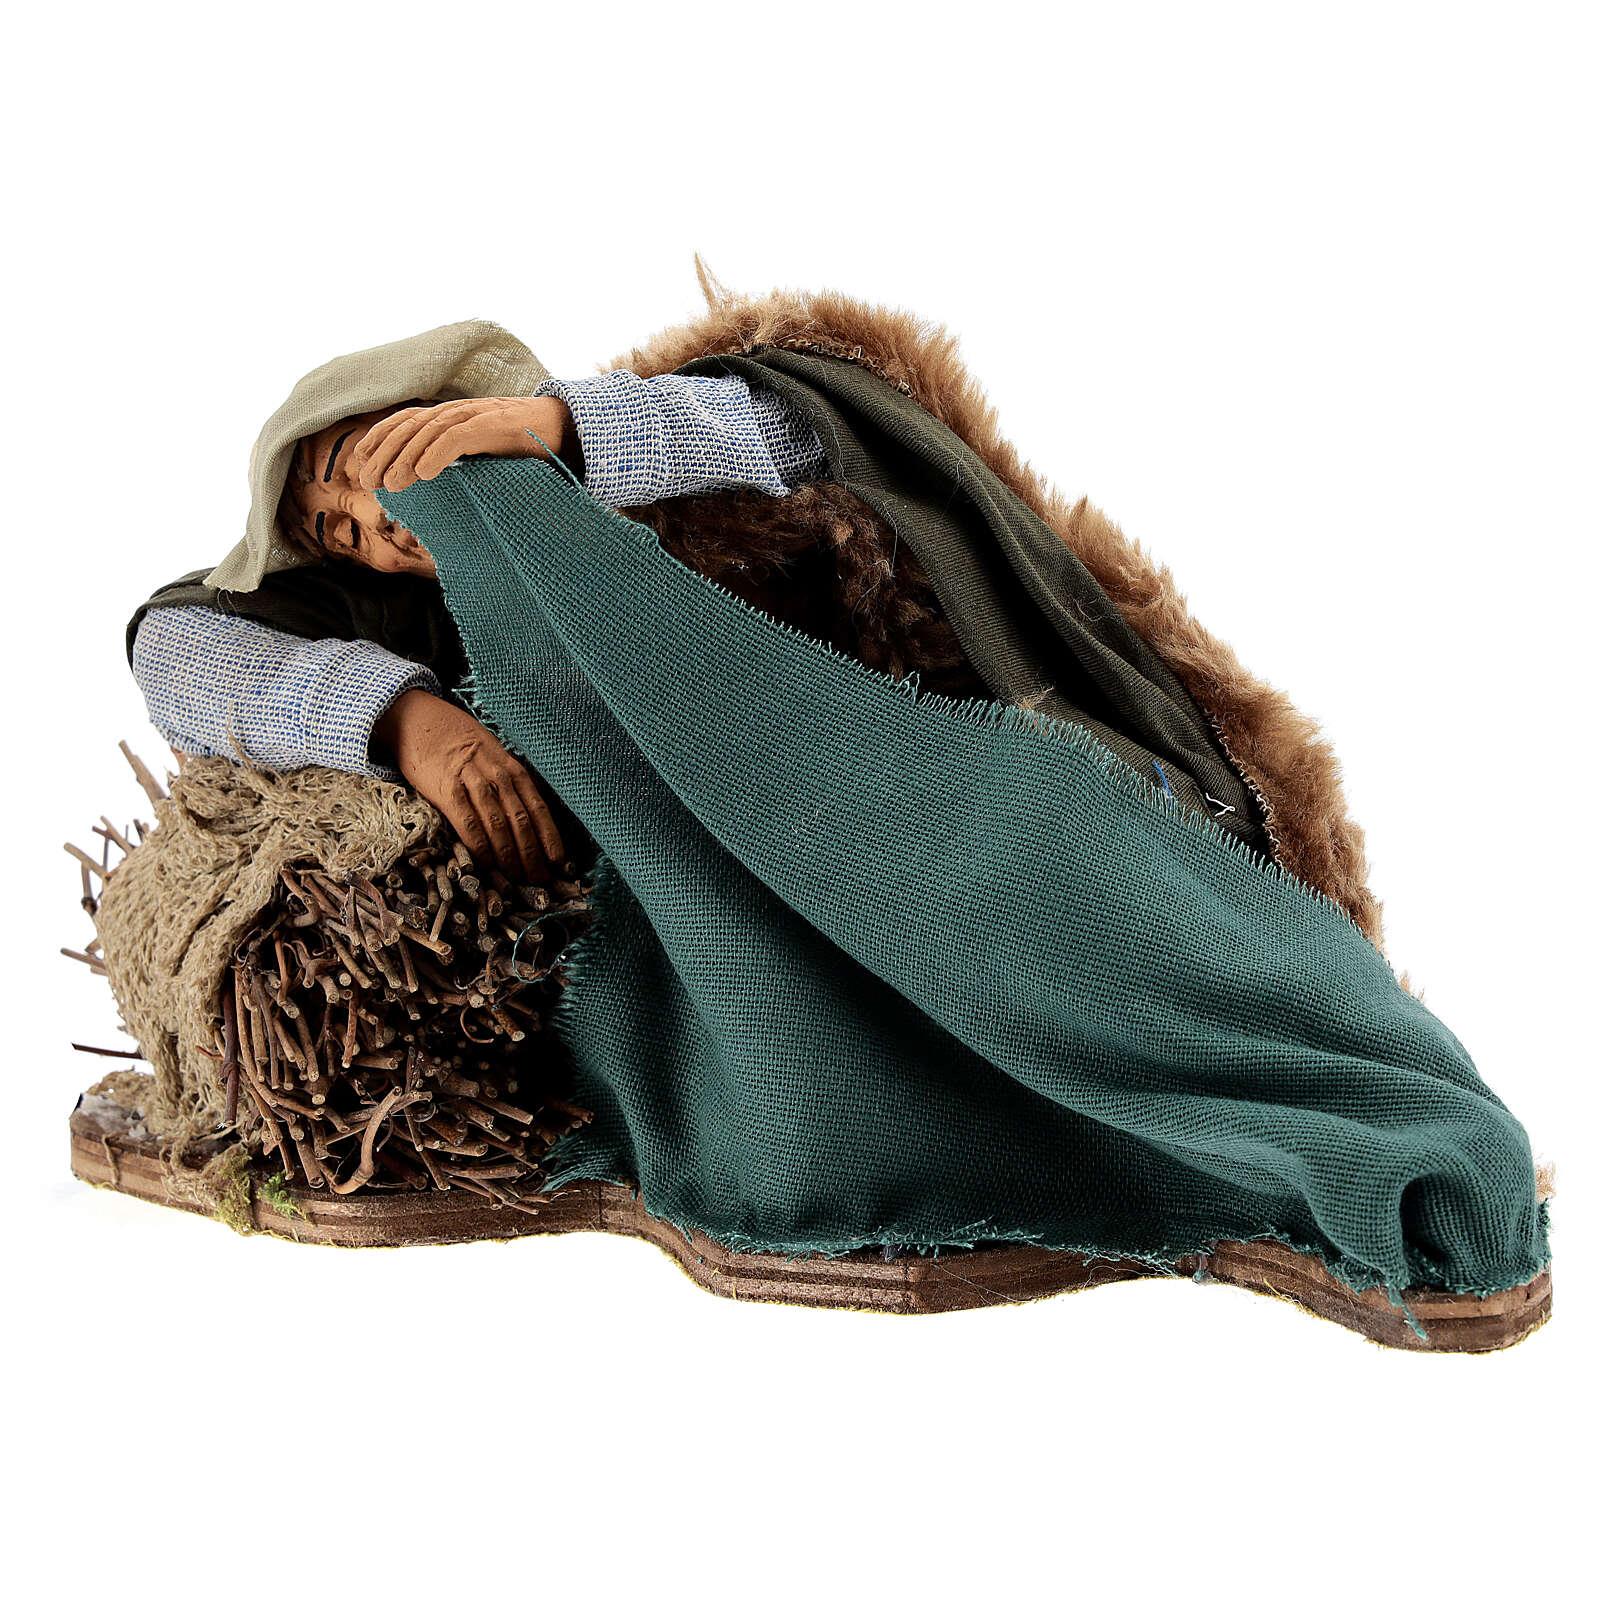 Movimiento pastor que duerme Nápoles 30 cm 4